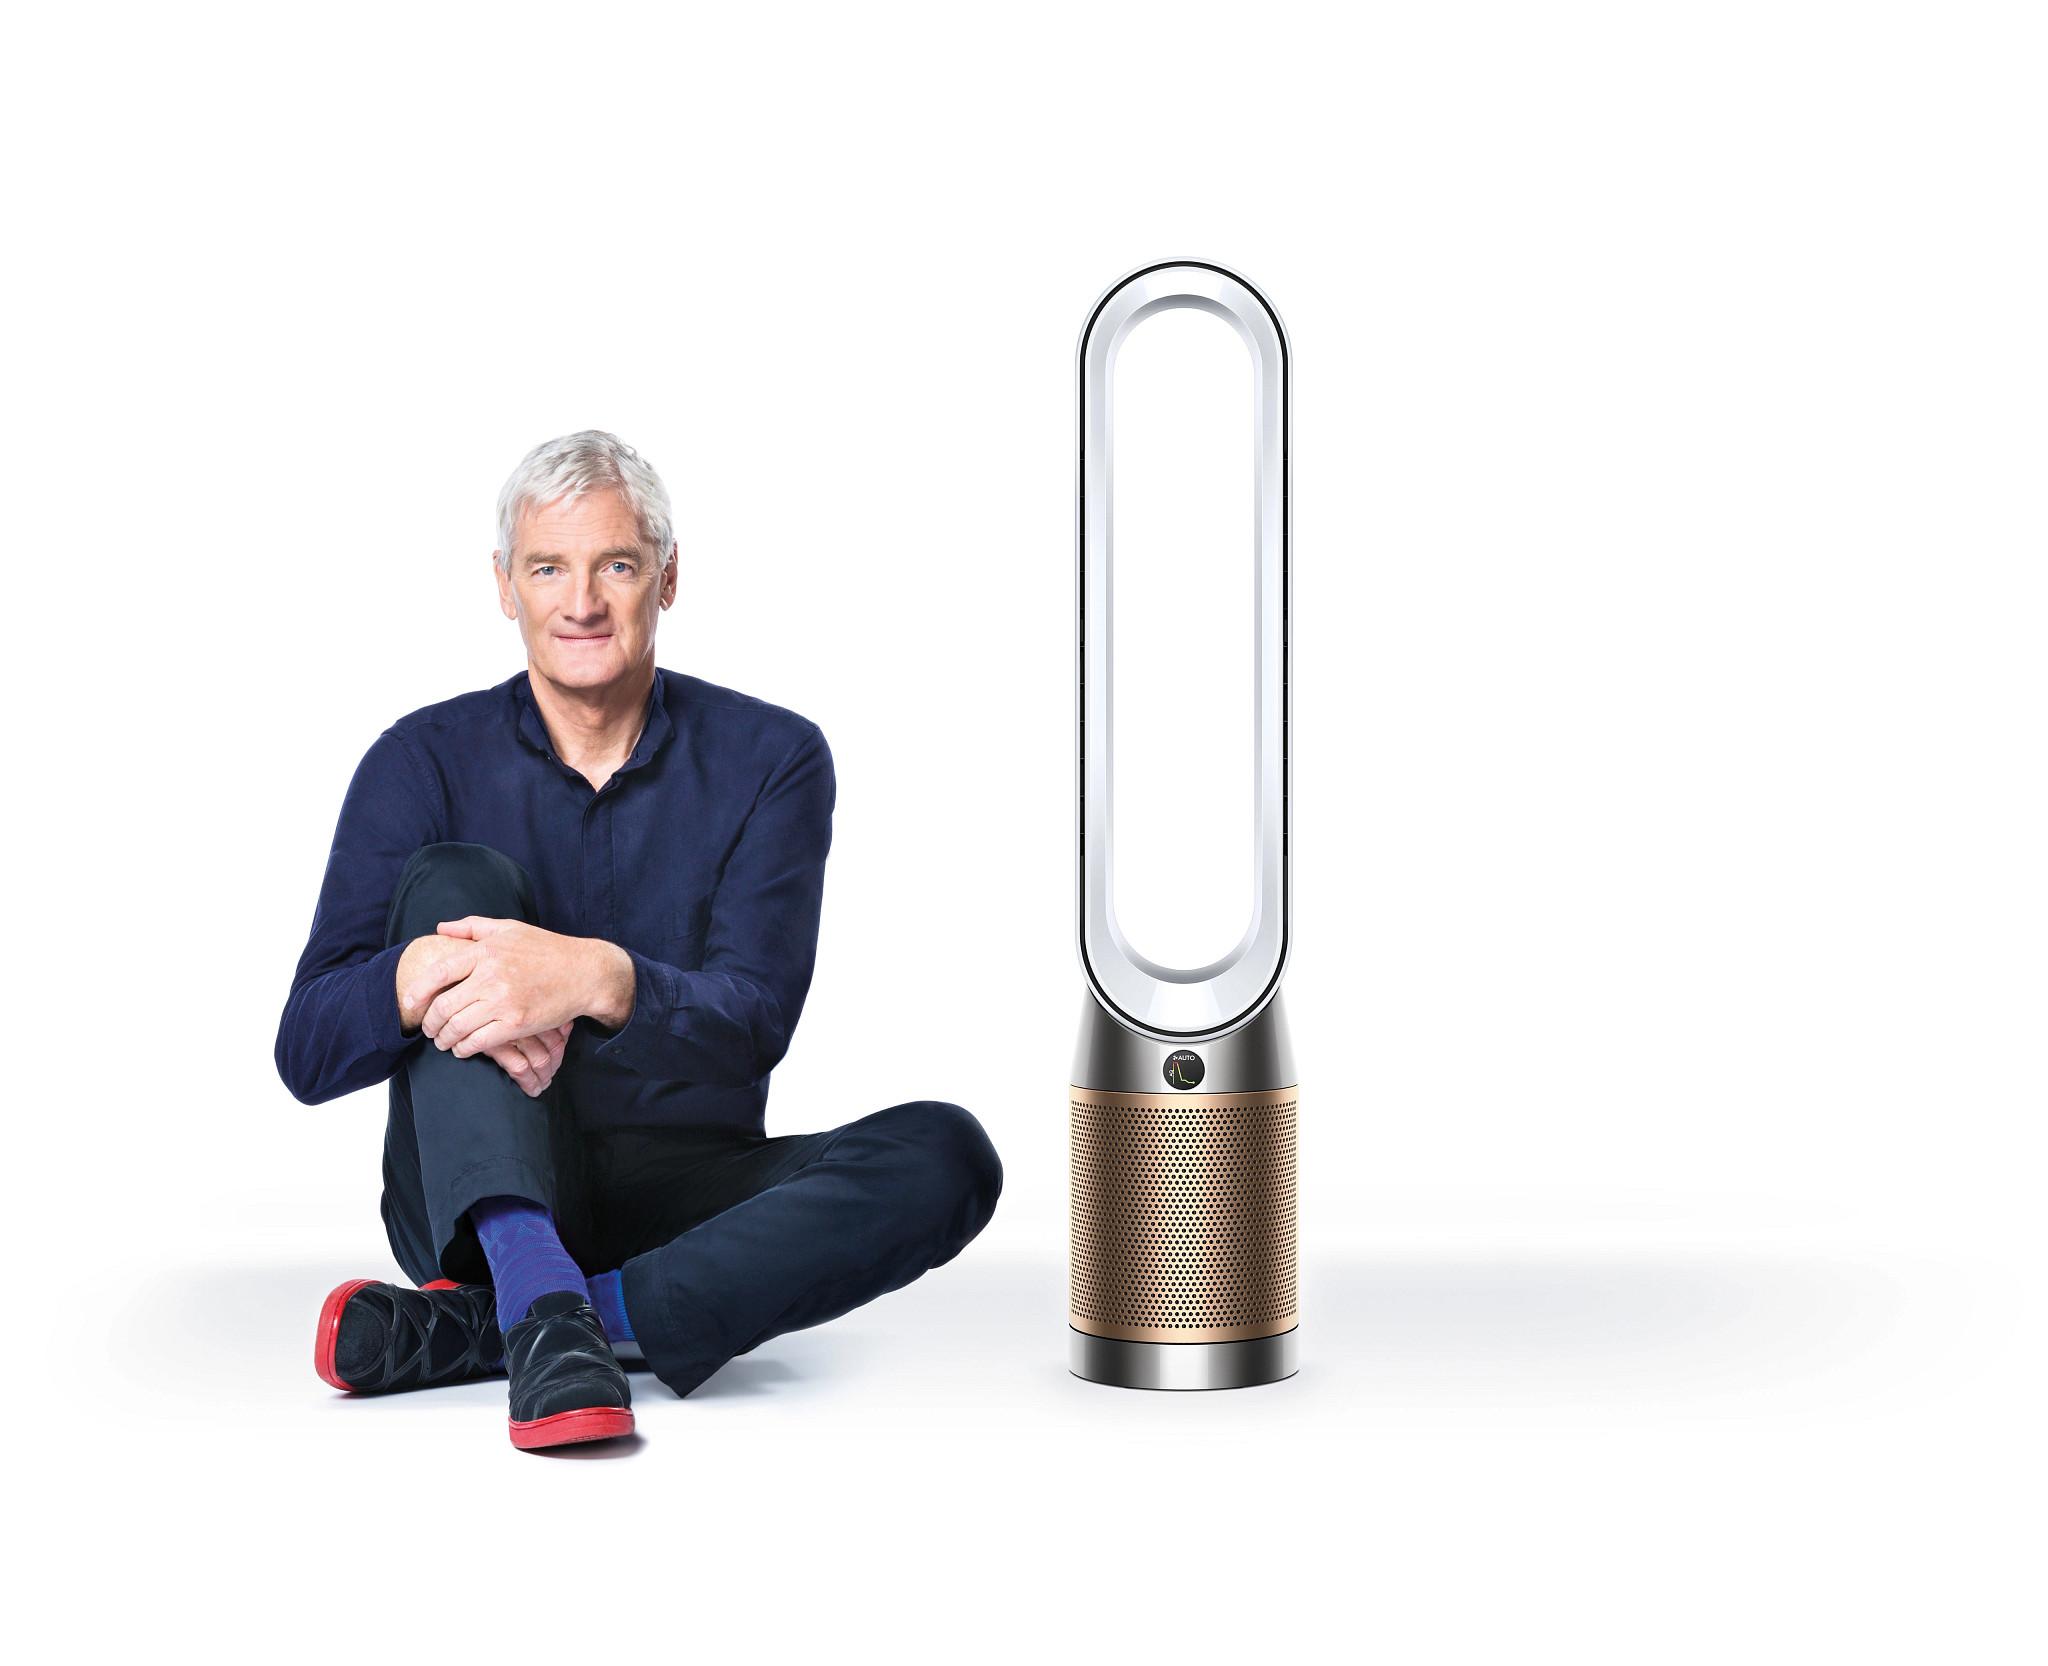 Dyson ra mắt máy lọc không khí với công nghệ cảm biến mới, giá 19,6 triệu đồng - Ảnh 6.